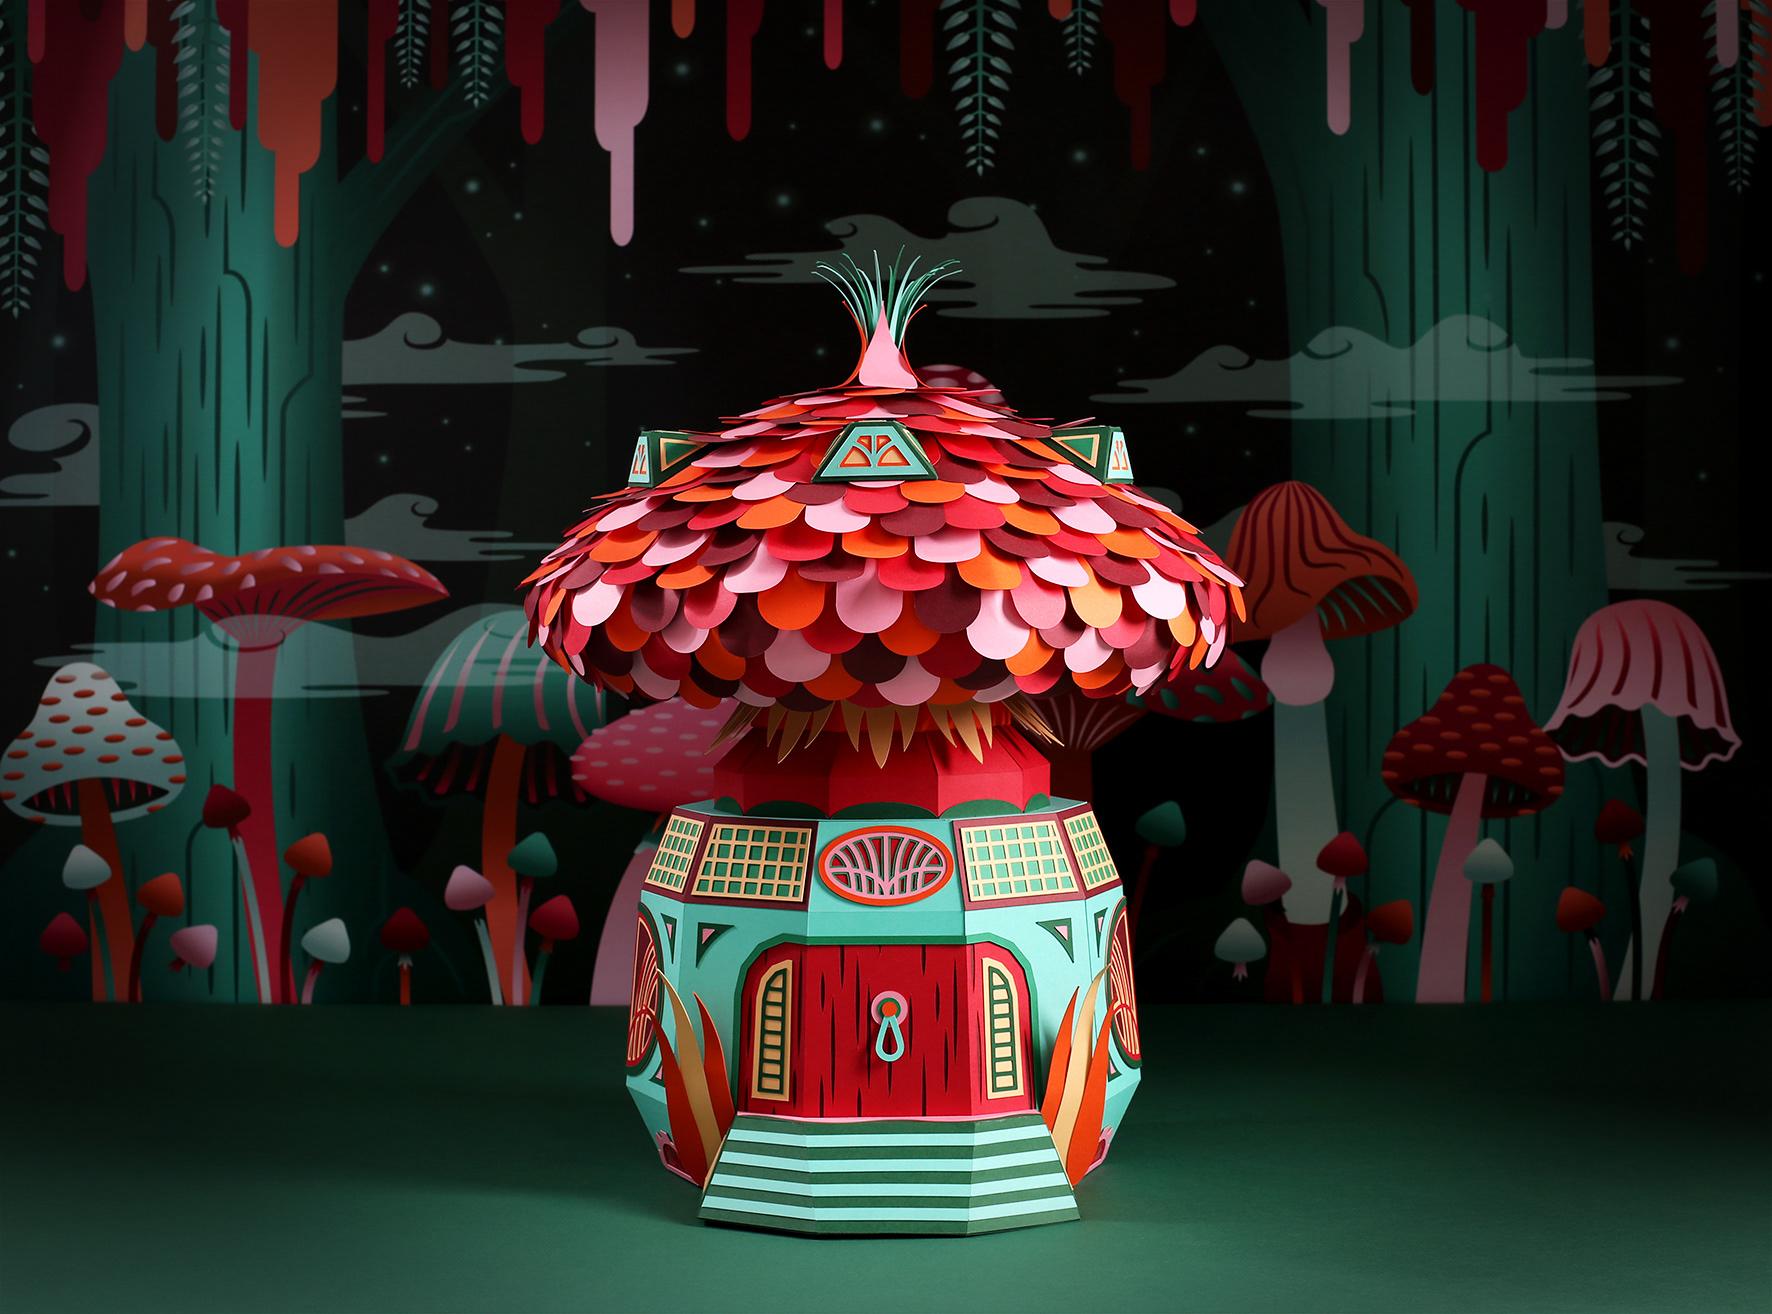 Paper Cut Mushroom.jpg